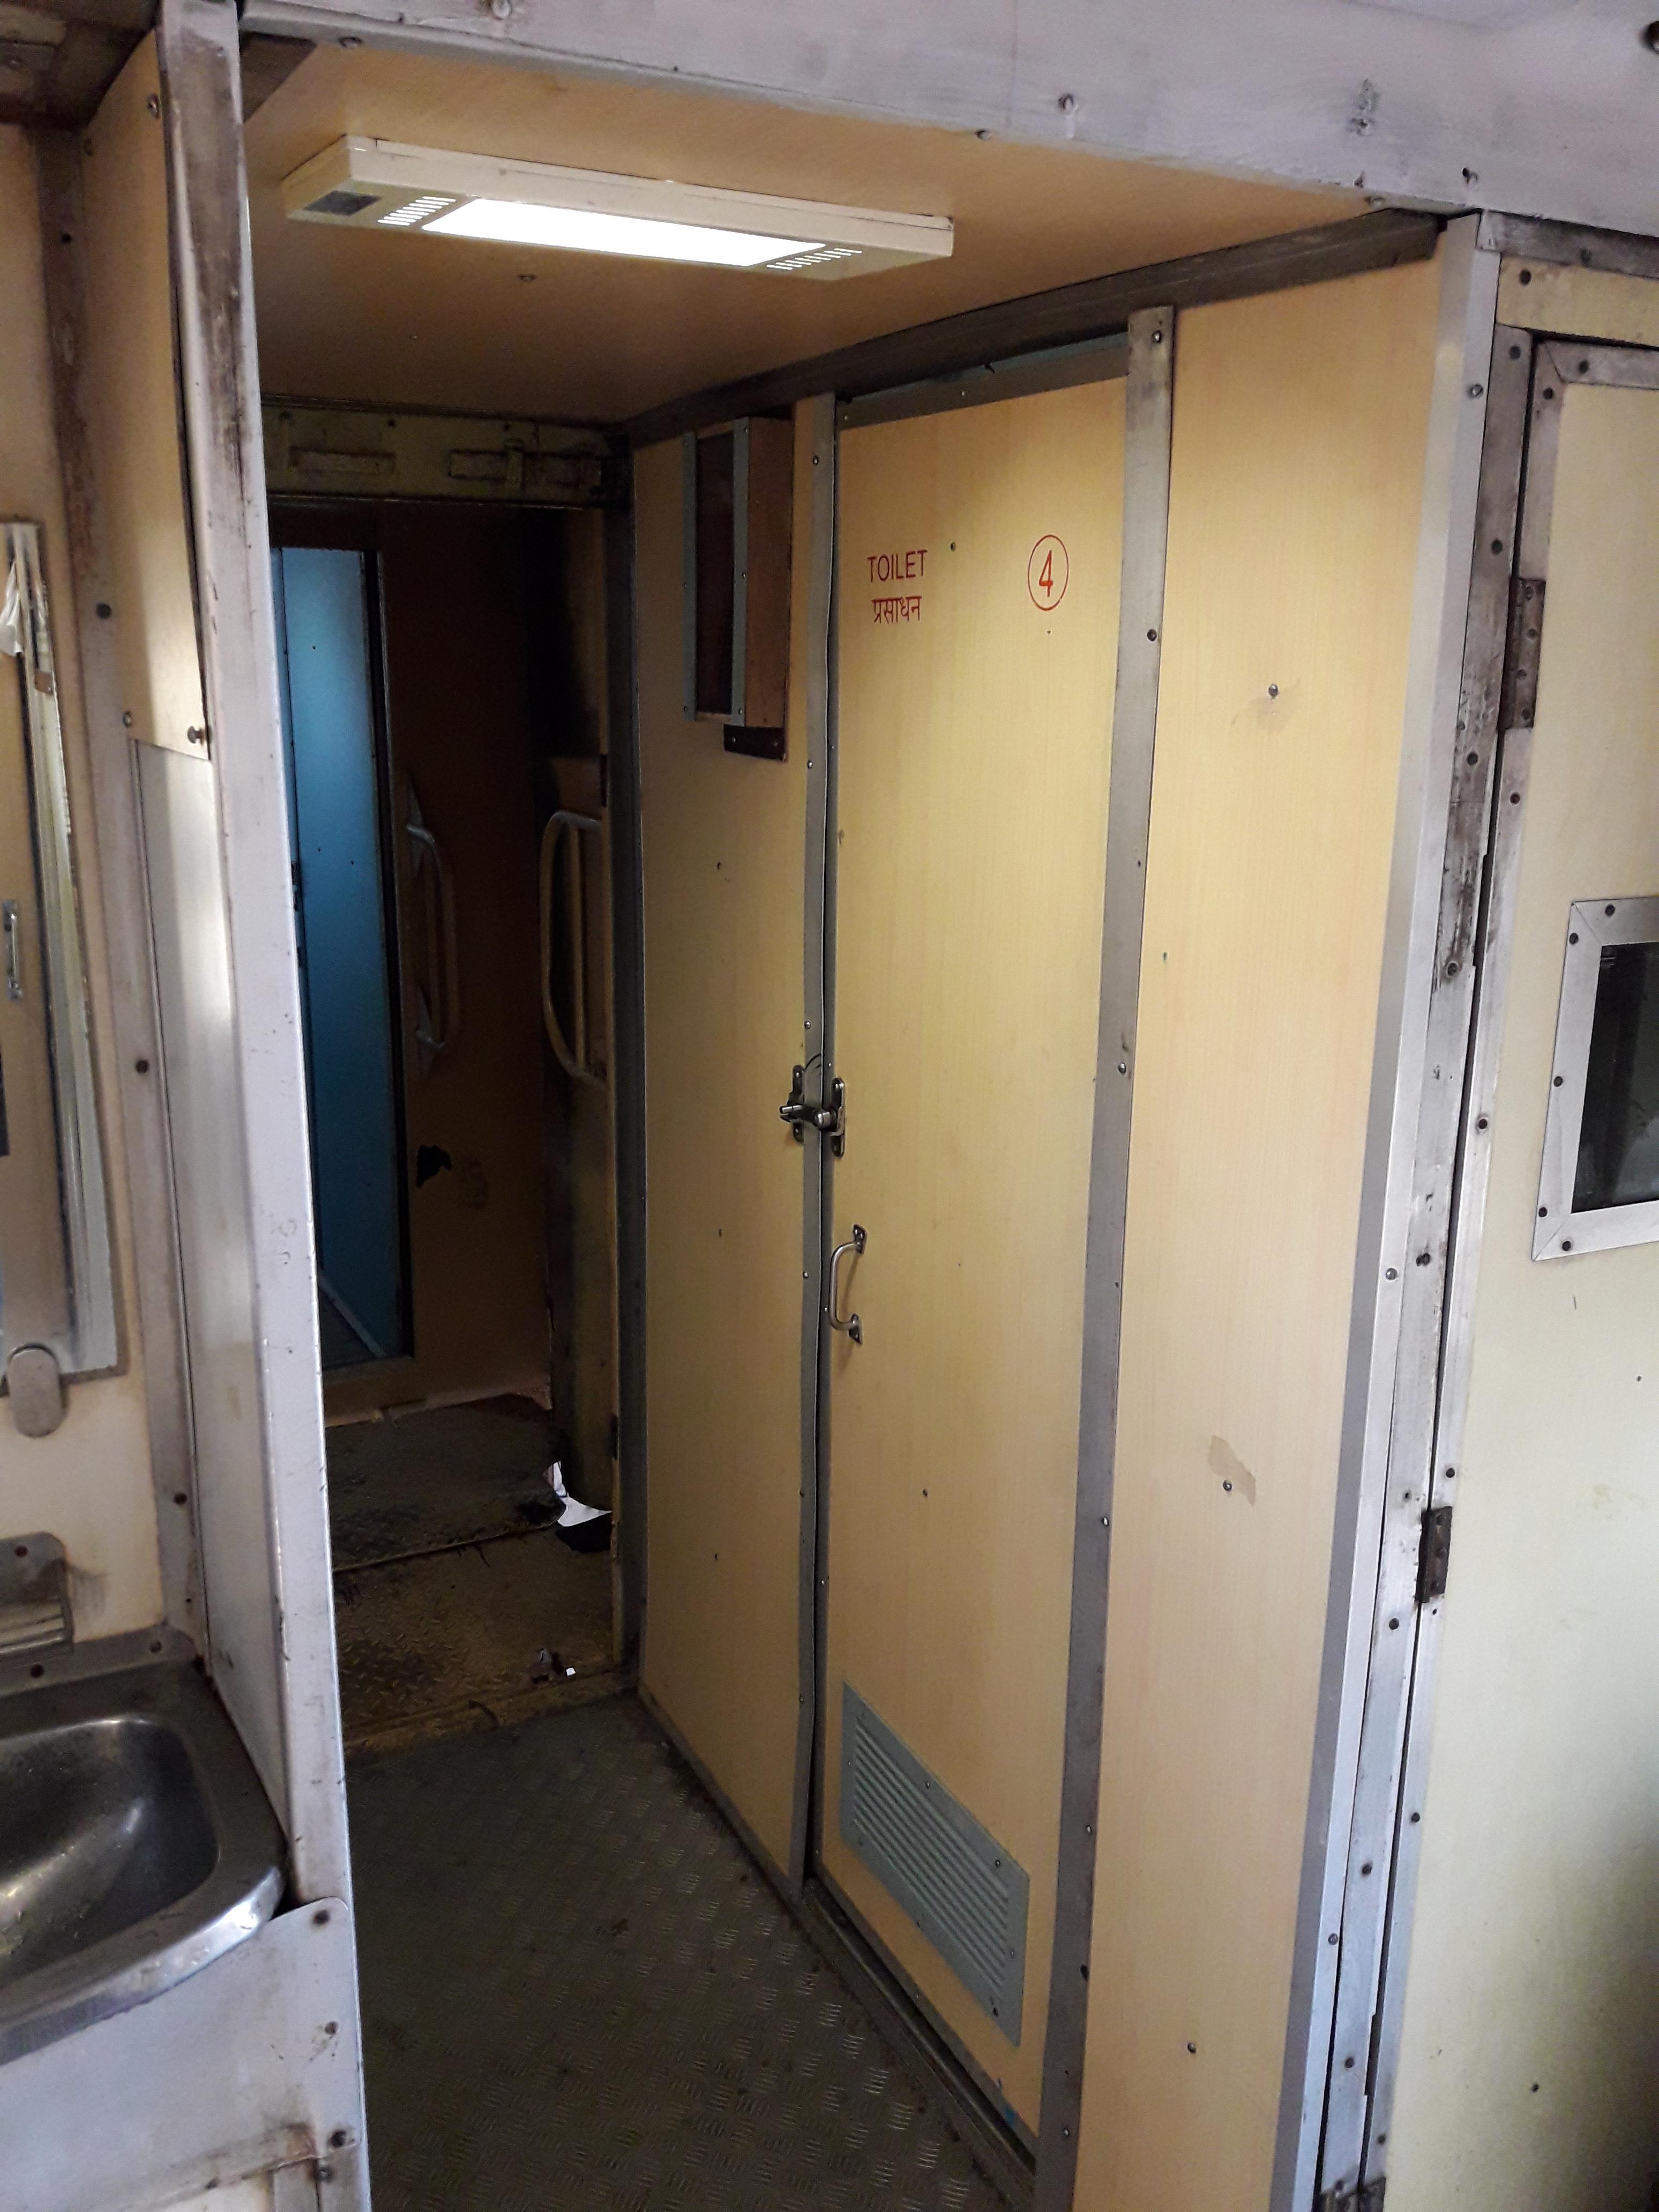 Rly_-_Toilet_Coridor_I___20190416021535___.jpg